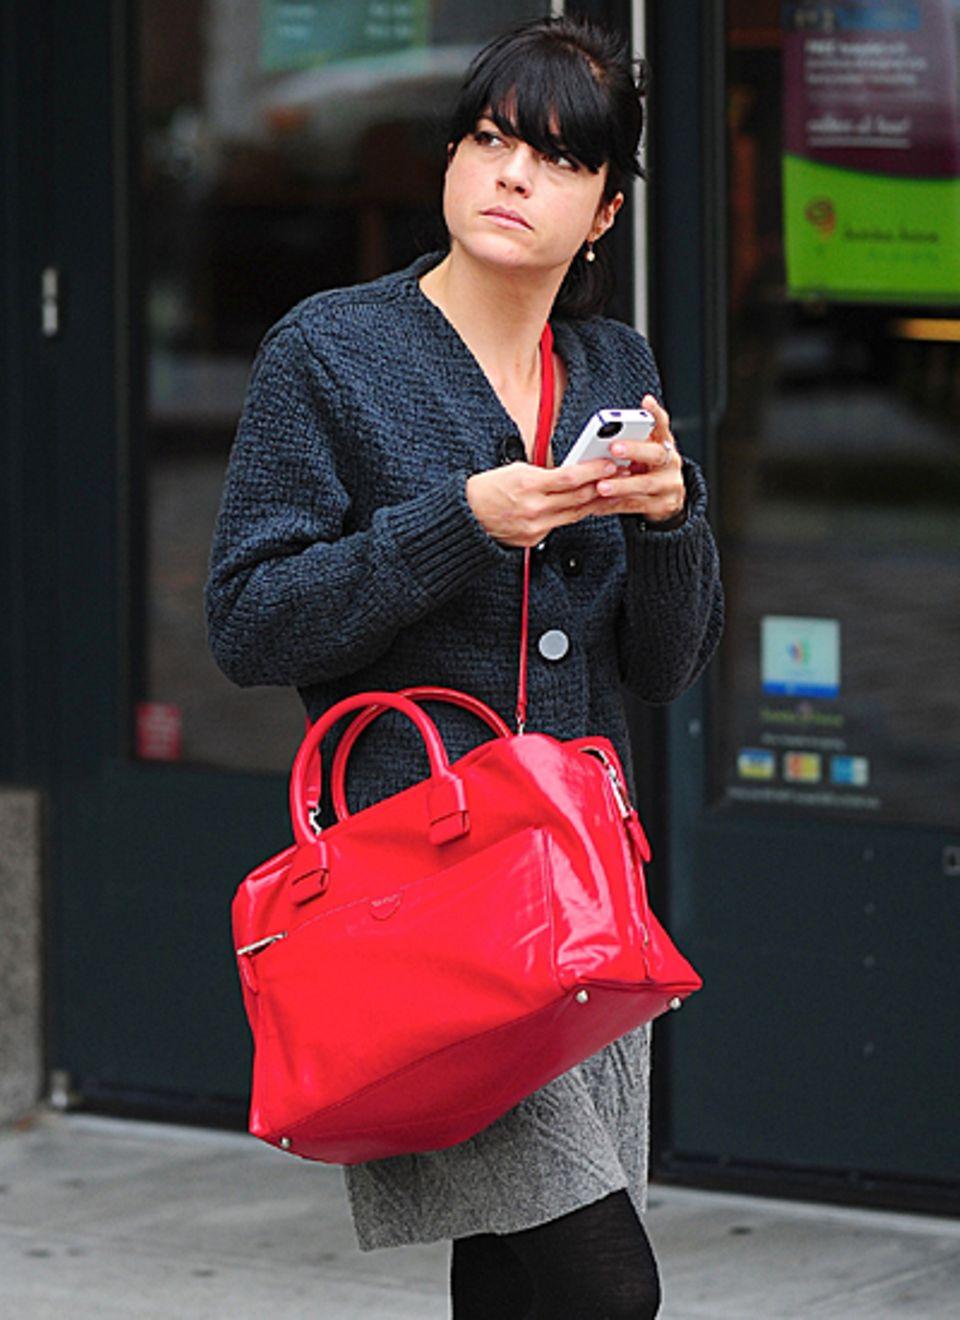 Mit dieser knallroten Tasche fällt Selma Blair überall auf.